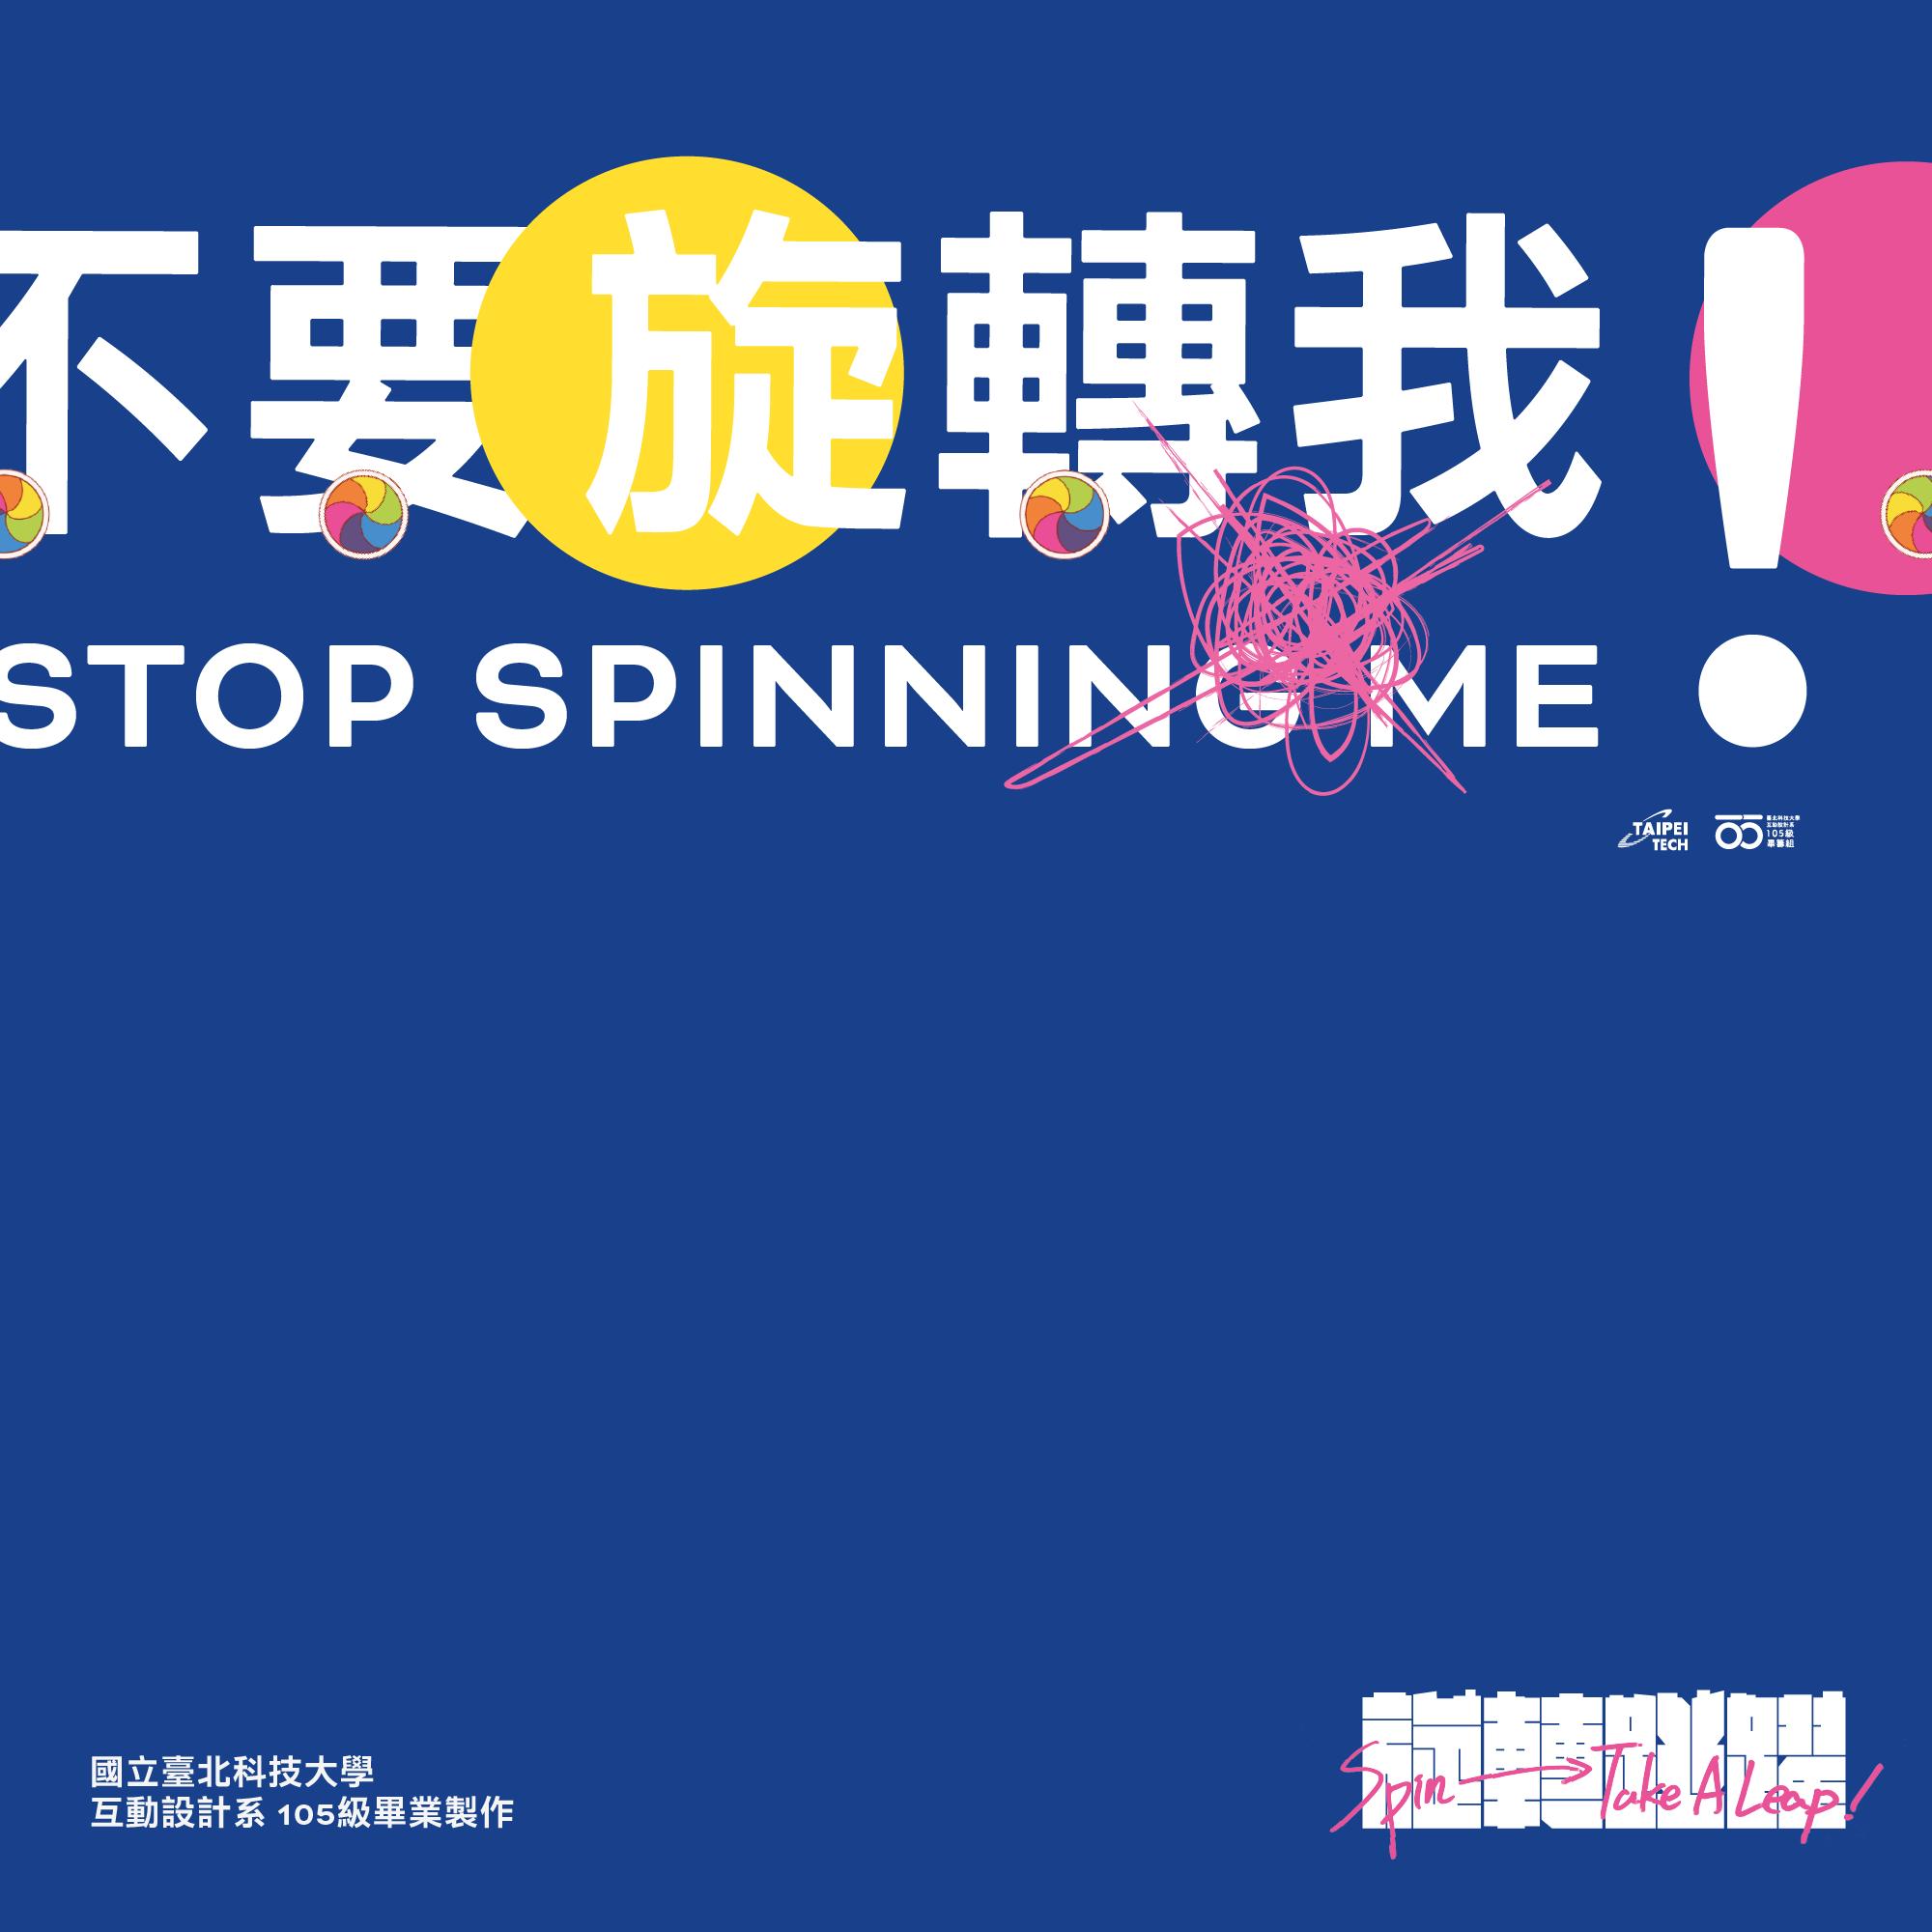 不要旋轉我! - STOP SPINNING ME!